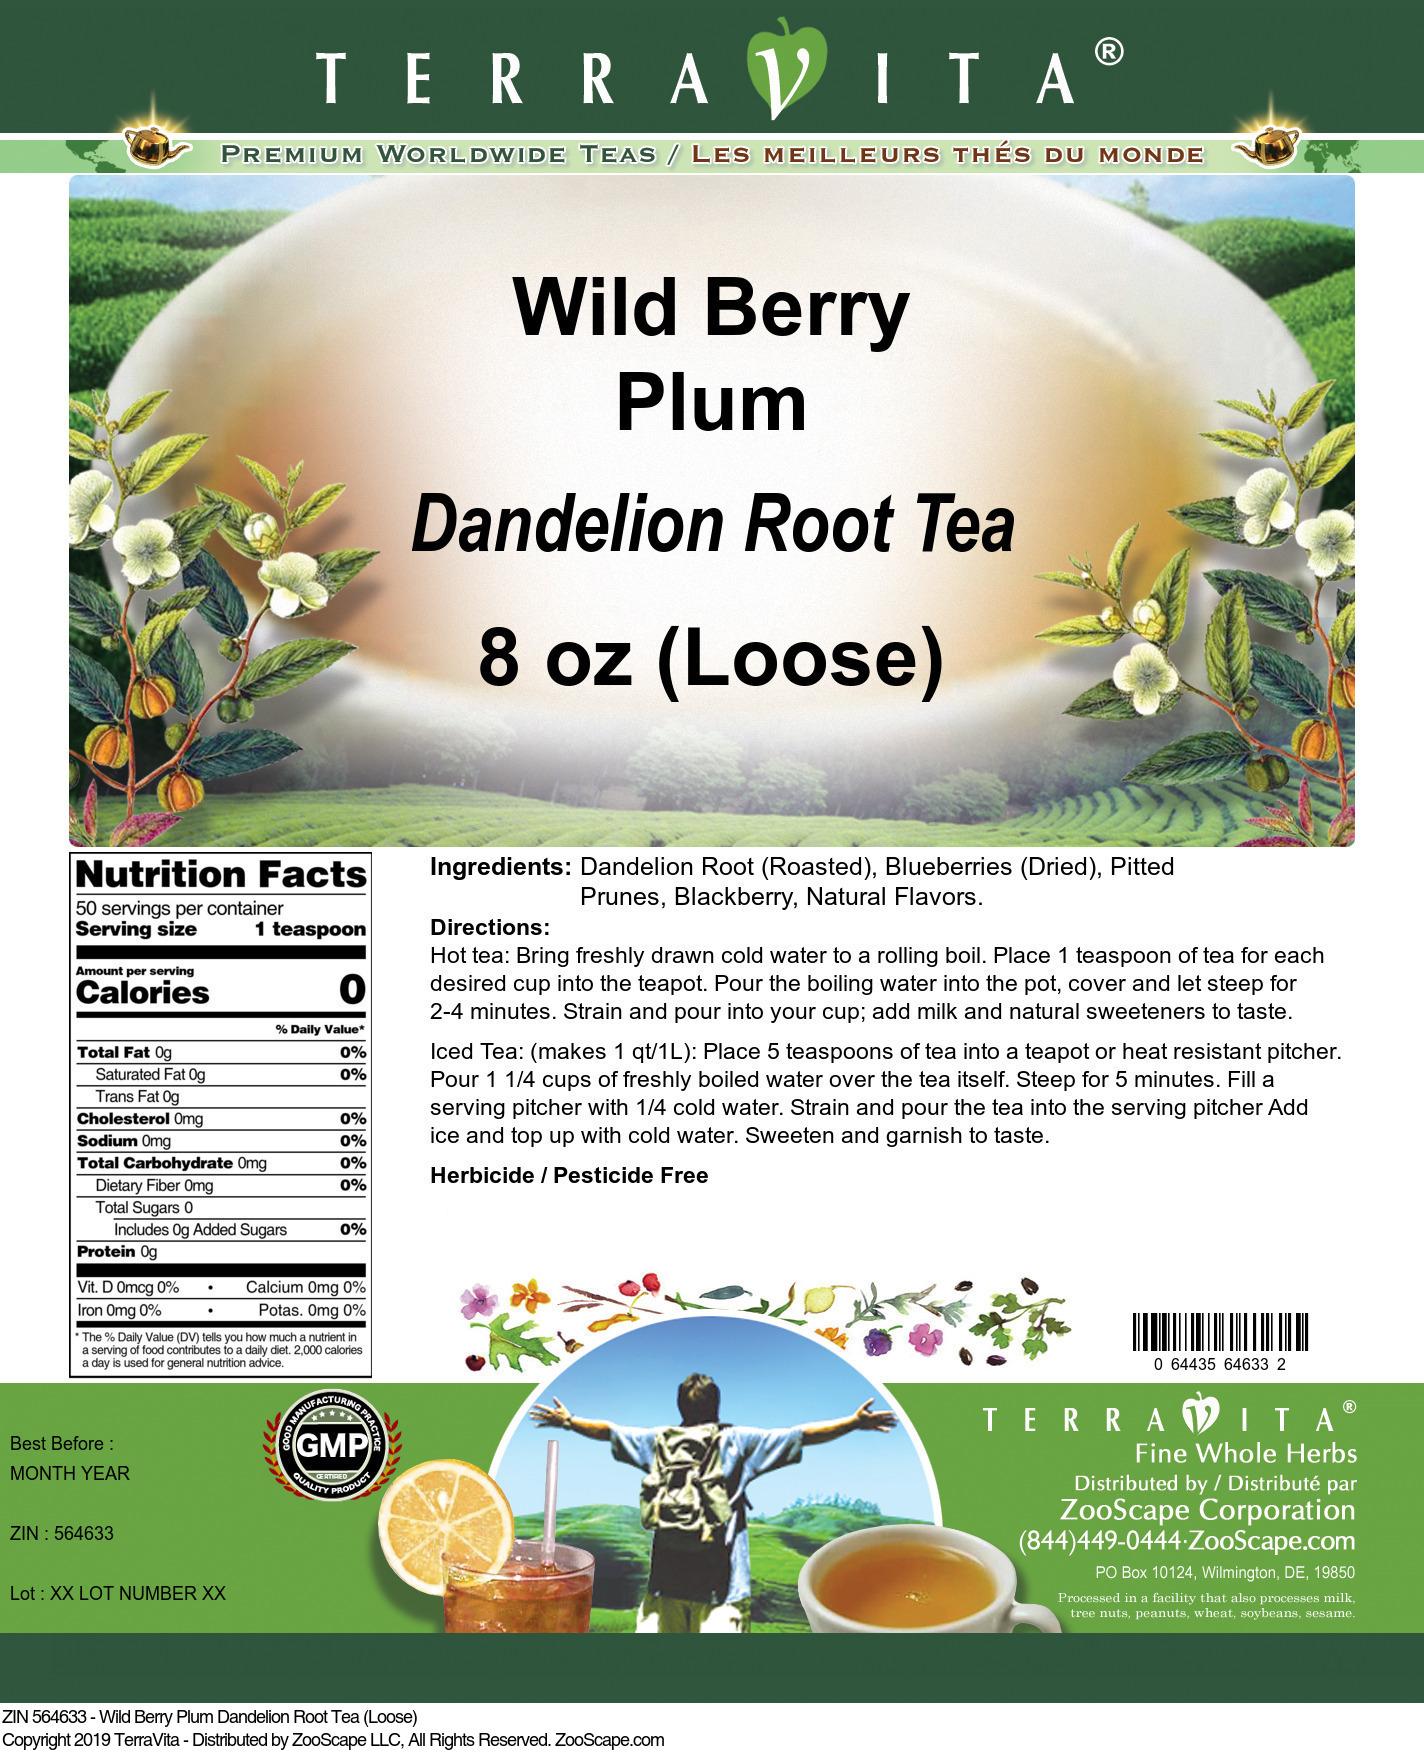 Wild Berry Plum Dandelion Root